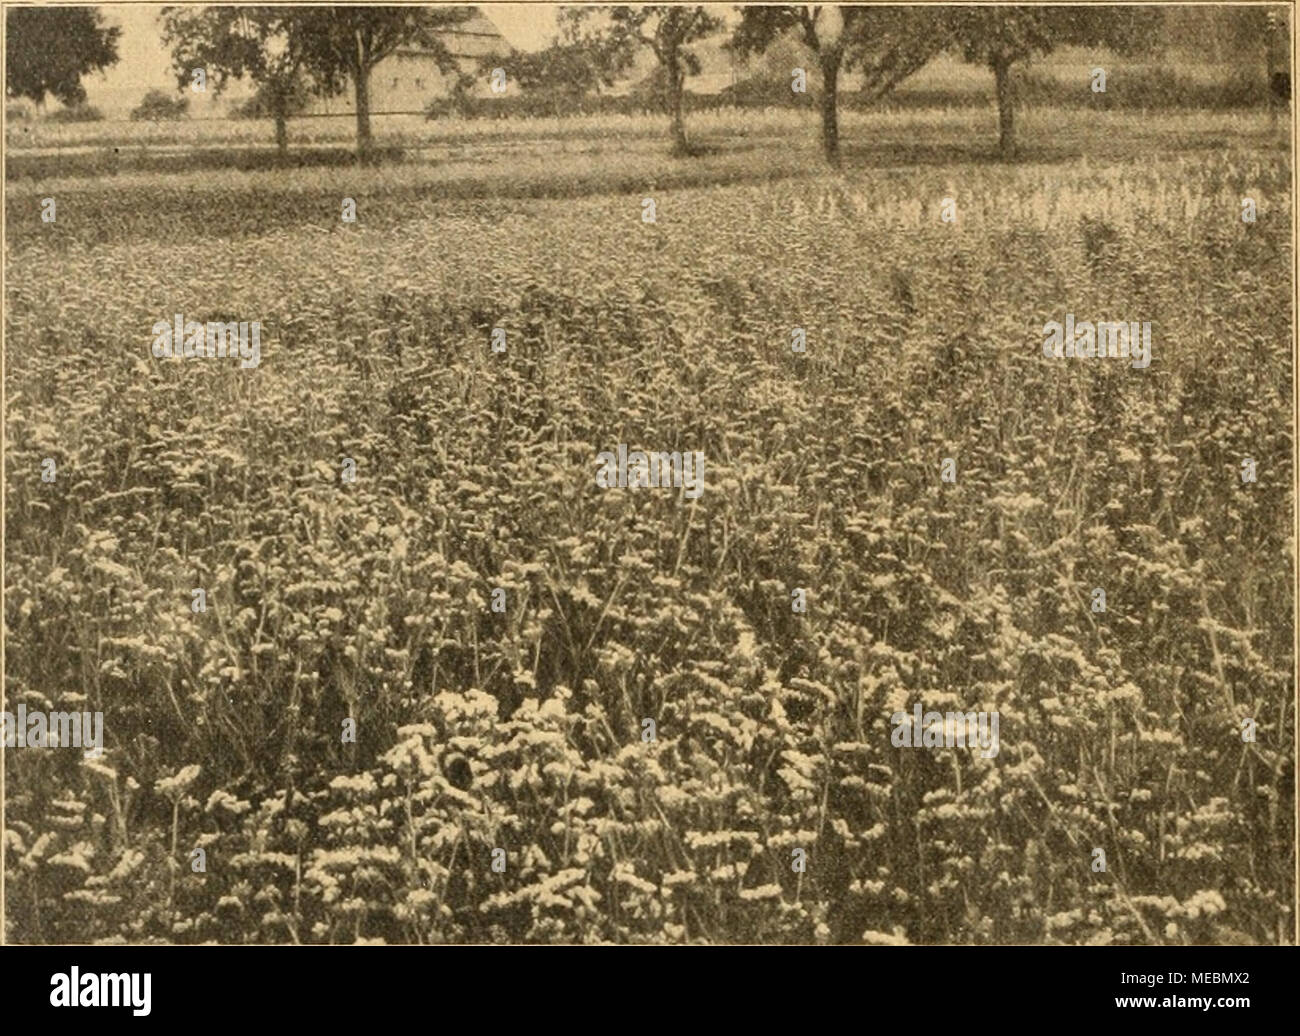 . Die Gartenwelt . möchte ich einiger der wich- tigsten und rentabelsten Pflan- zen dieser Art Erwähnung tun. Roccardia Manglesii ist eine ganz hervorragende ein- jährige, aus Australien stam- mende Pflanze, die allgemeine Verbreitung verdient. Mangels Roccardie wird 20â60 cm hoch und blüht etwa 10 Wochen nach der Aussaat. Man hat es somit in der Hand, den Blütezeitpunkt für den Frühling, Sommer oder Herbst zu bestimmen. Die von straffen Stielen getrage- nen, doldentraubig verästel- ten Blütchen sind von schöner rosenroter Farbe mit einem dunkleren Fleck am Grunde. In der Kultur befi Stock Photo